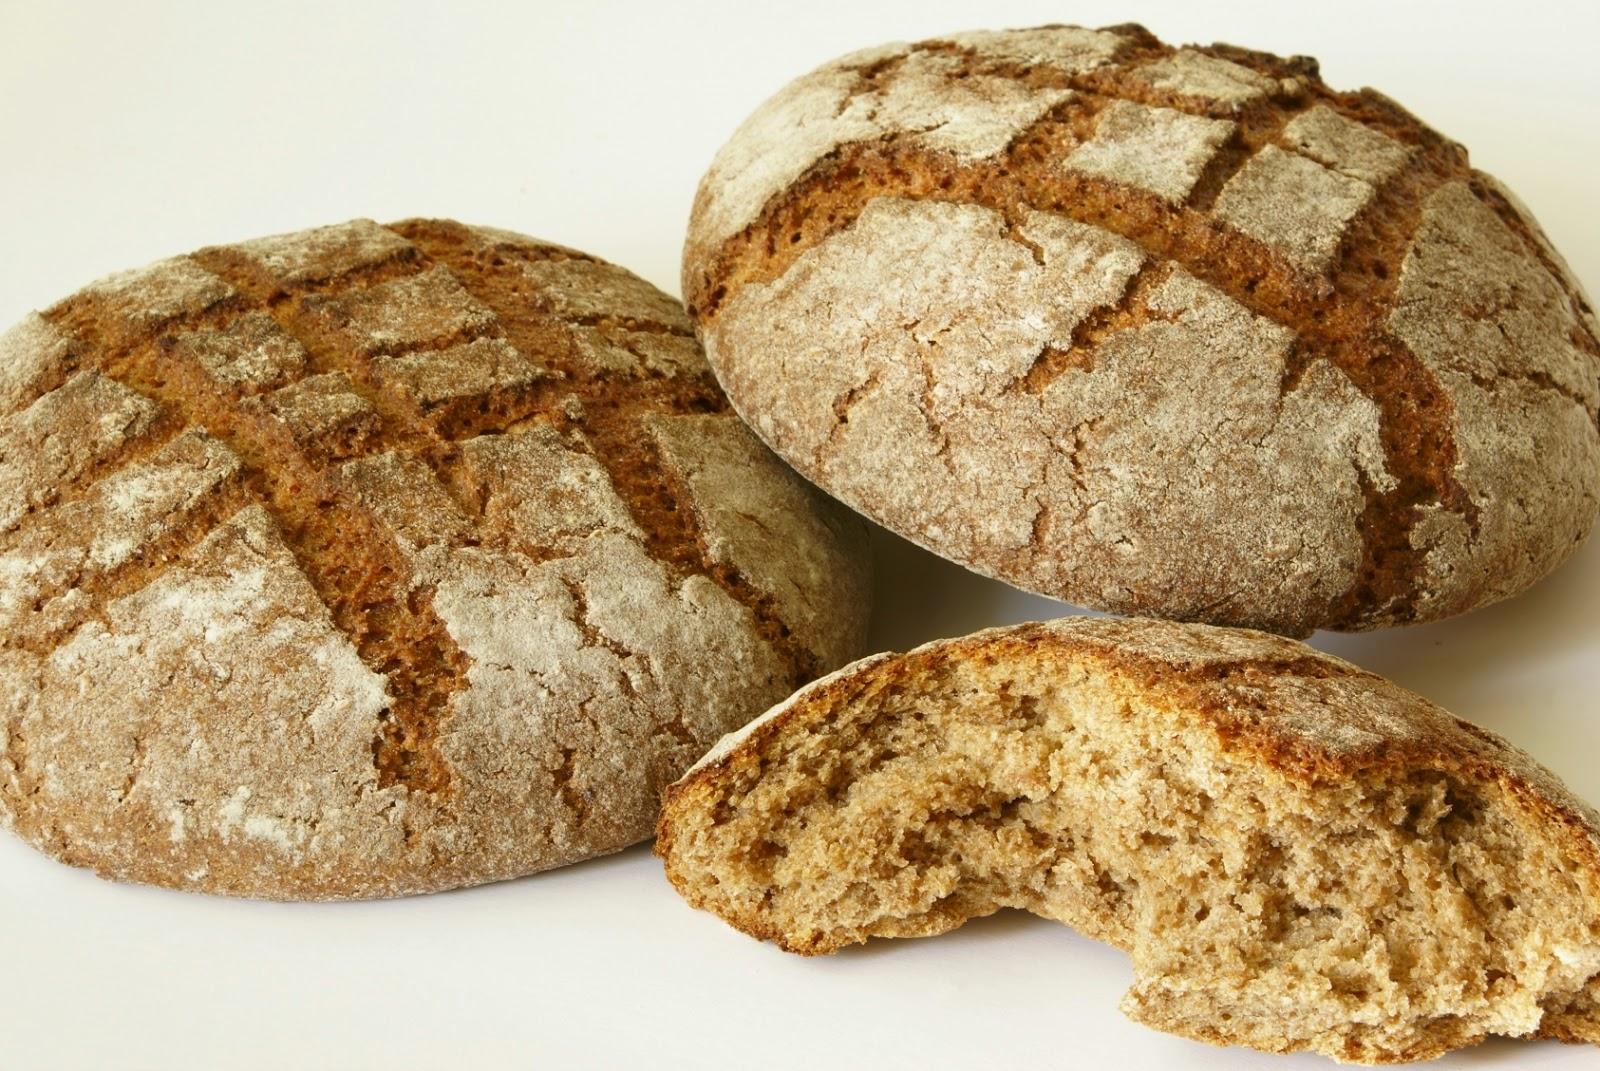 Το ψωμί παχαίνει; Πόσο νερό πρέπει να πίνουμε; Οι χυμοί είναι θρεπτικοί; Το σπανάκι και οι φακές κάνουν στην αναιμία;